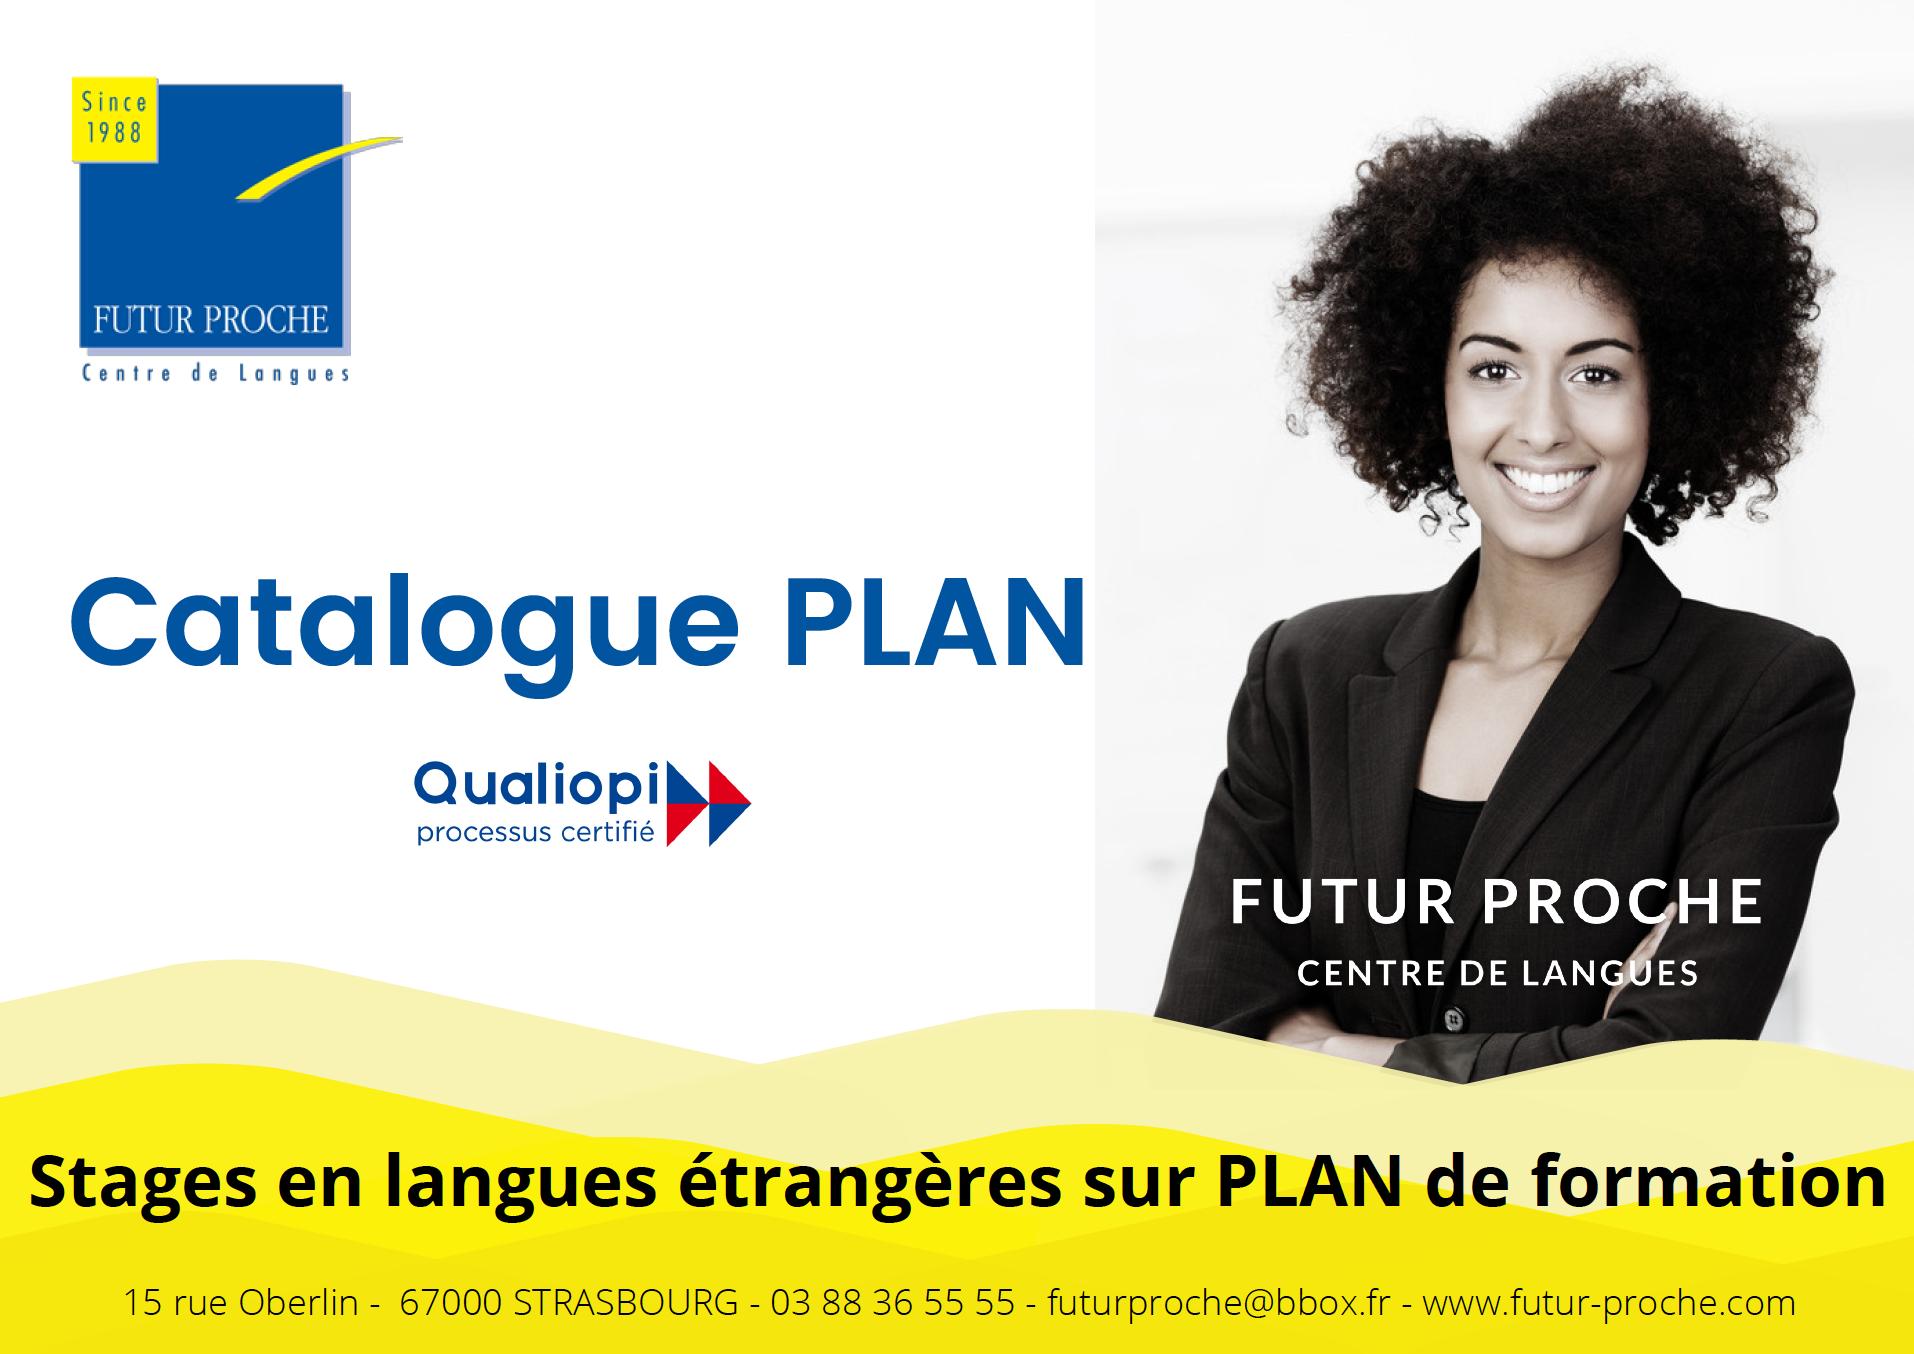 Catalogue Plan - Futur Proche